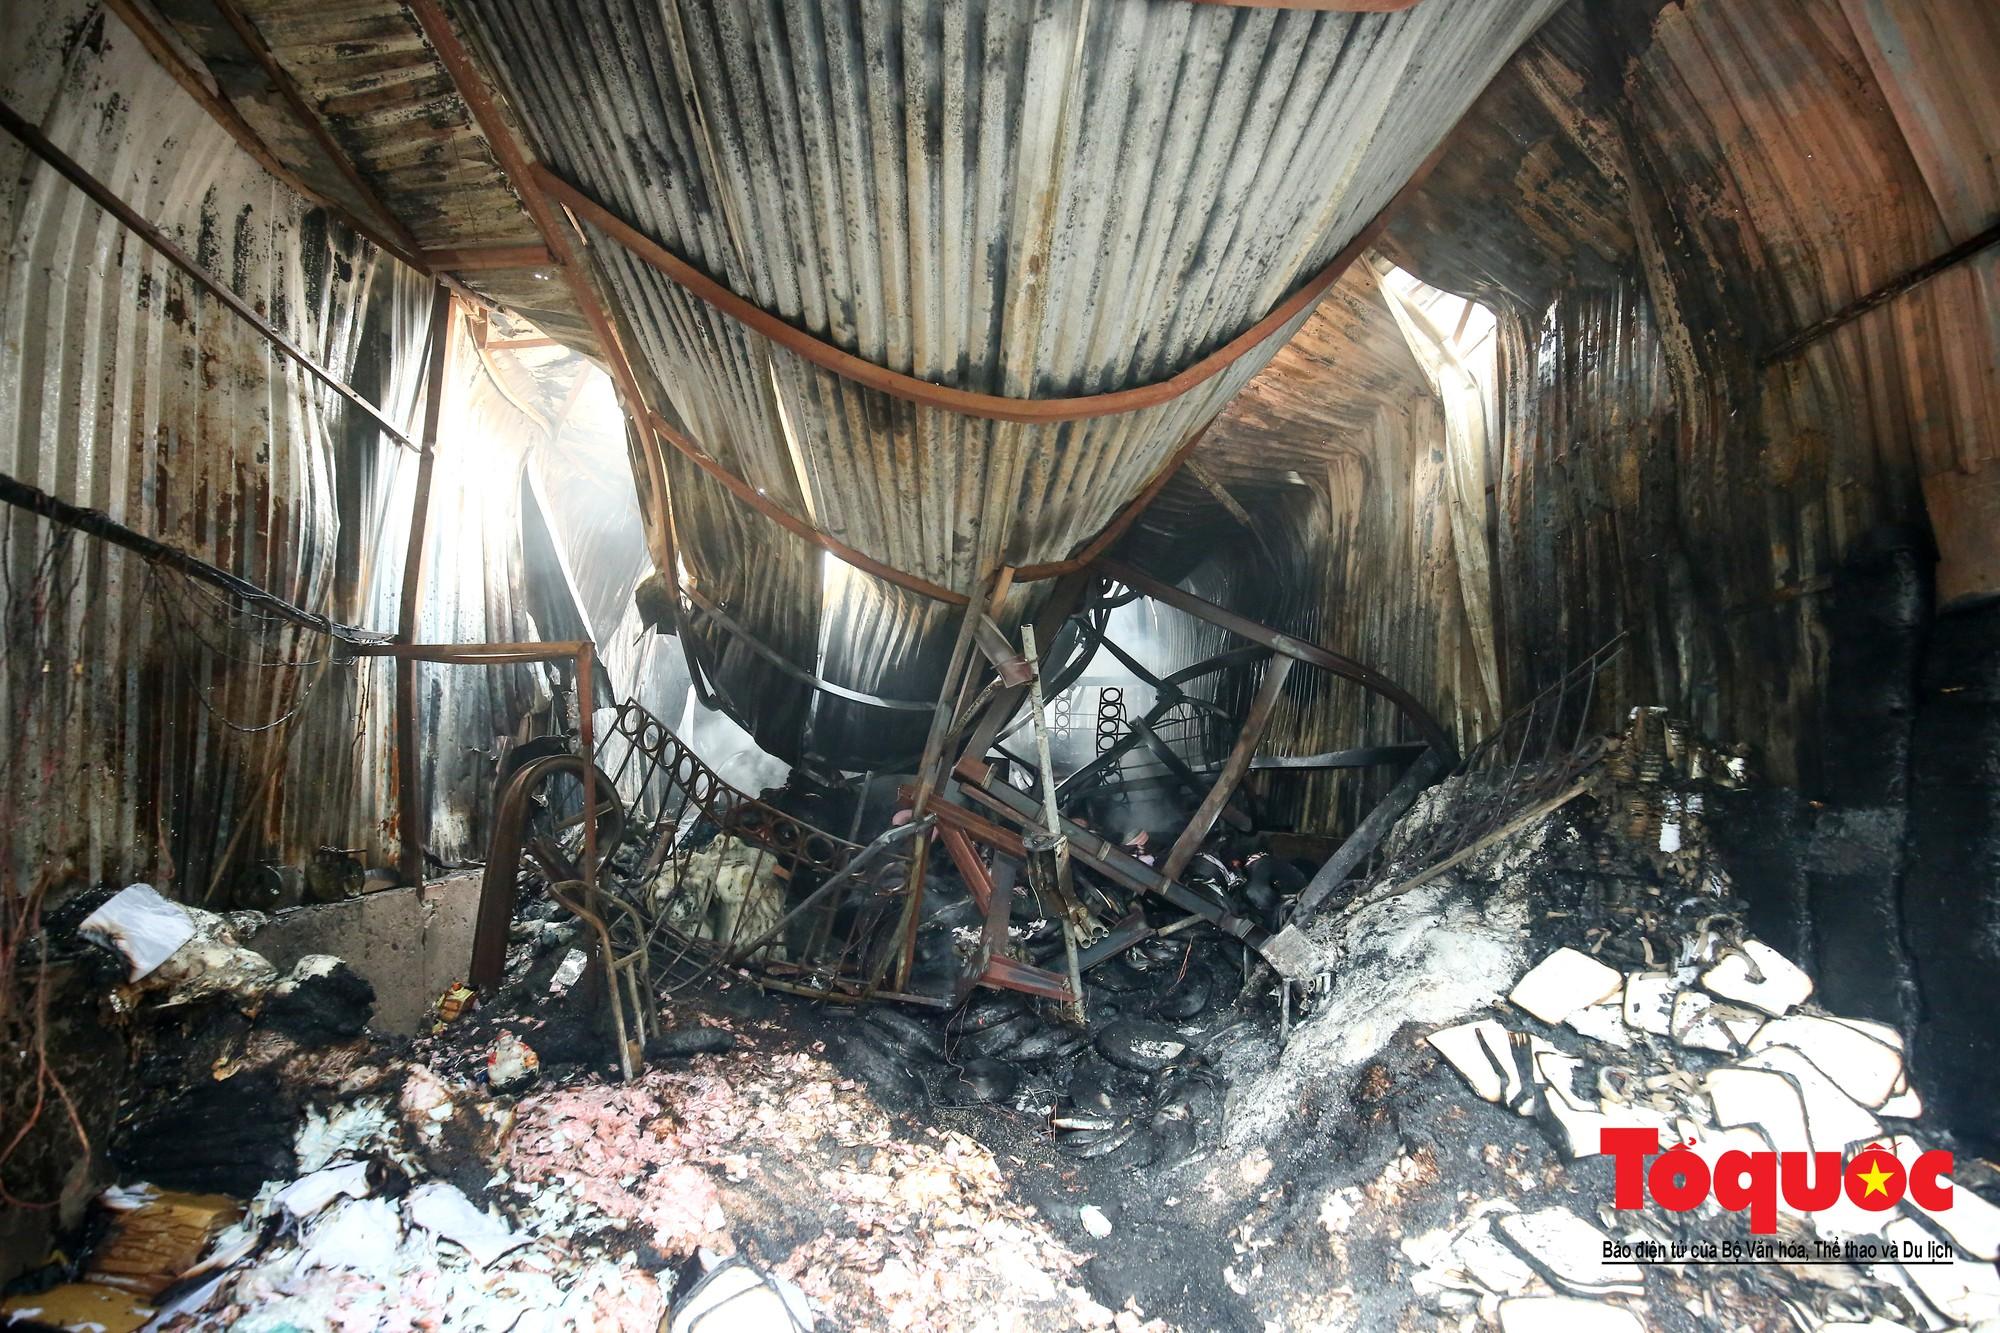 Cận cảnh hiện trường vụ Cháy thảm khốc ở Trung Văn, 8 người chết và mất tích - Ảnh 14.